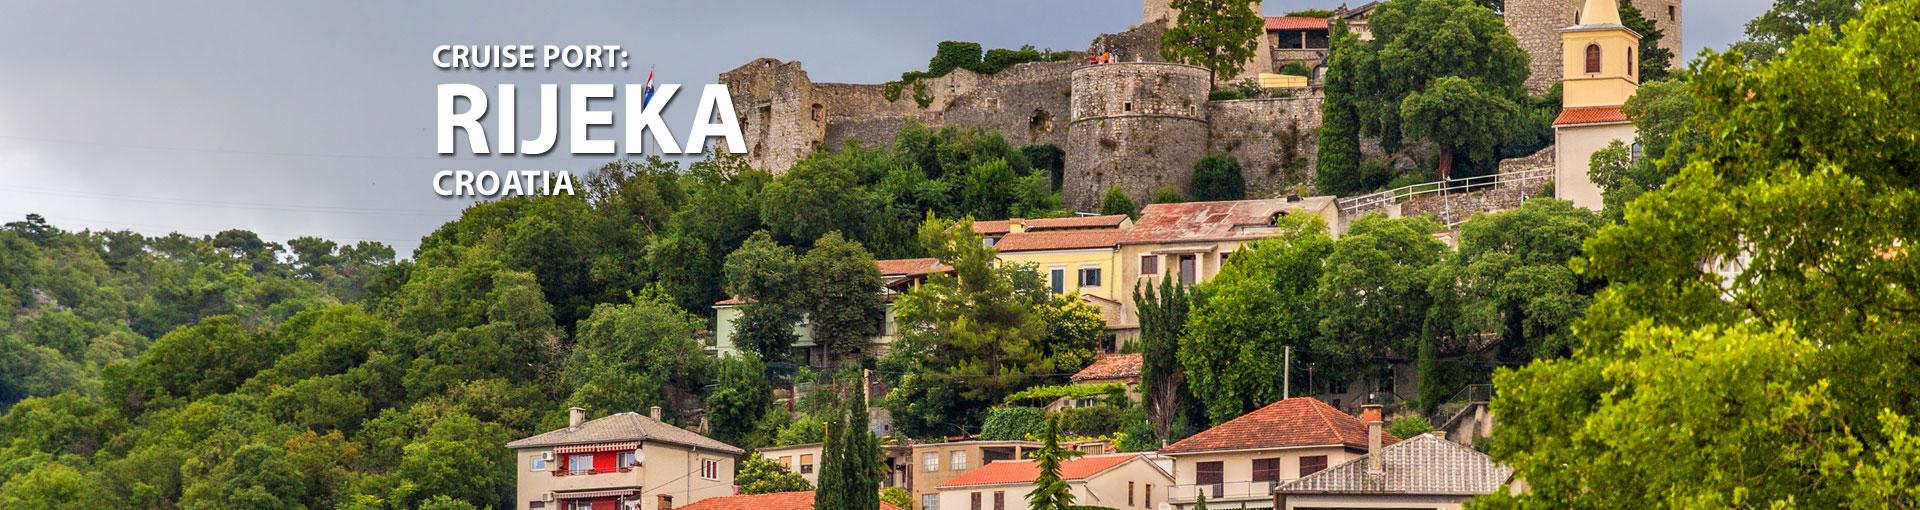 Cruises to Rijeka, Croatia